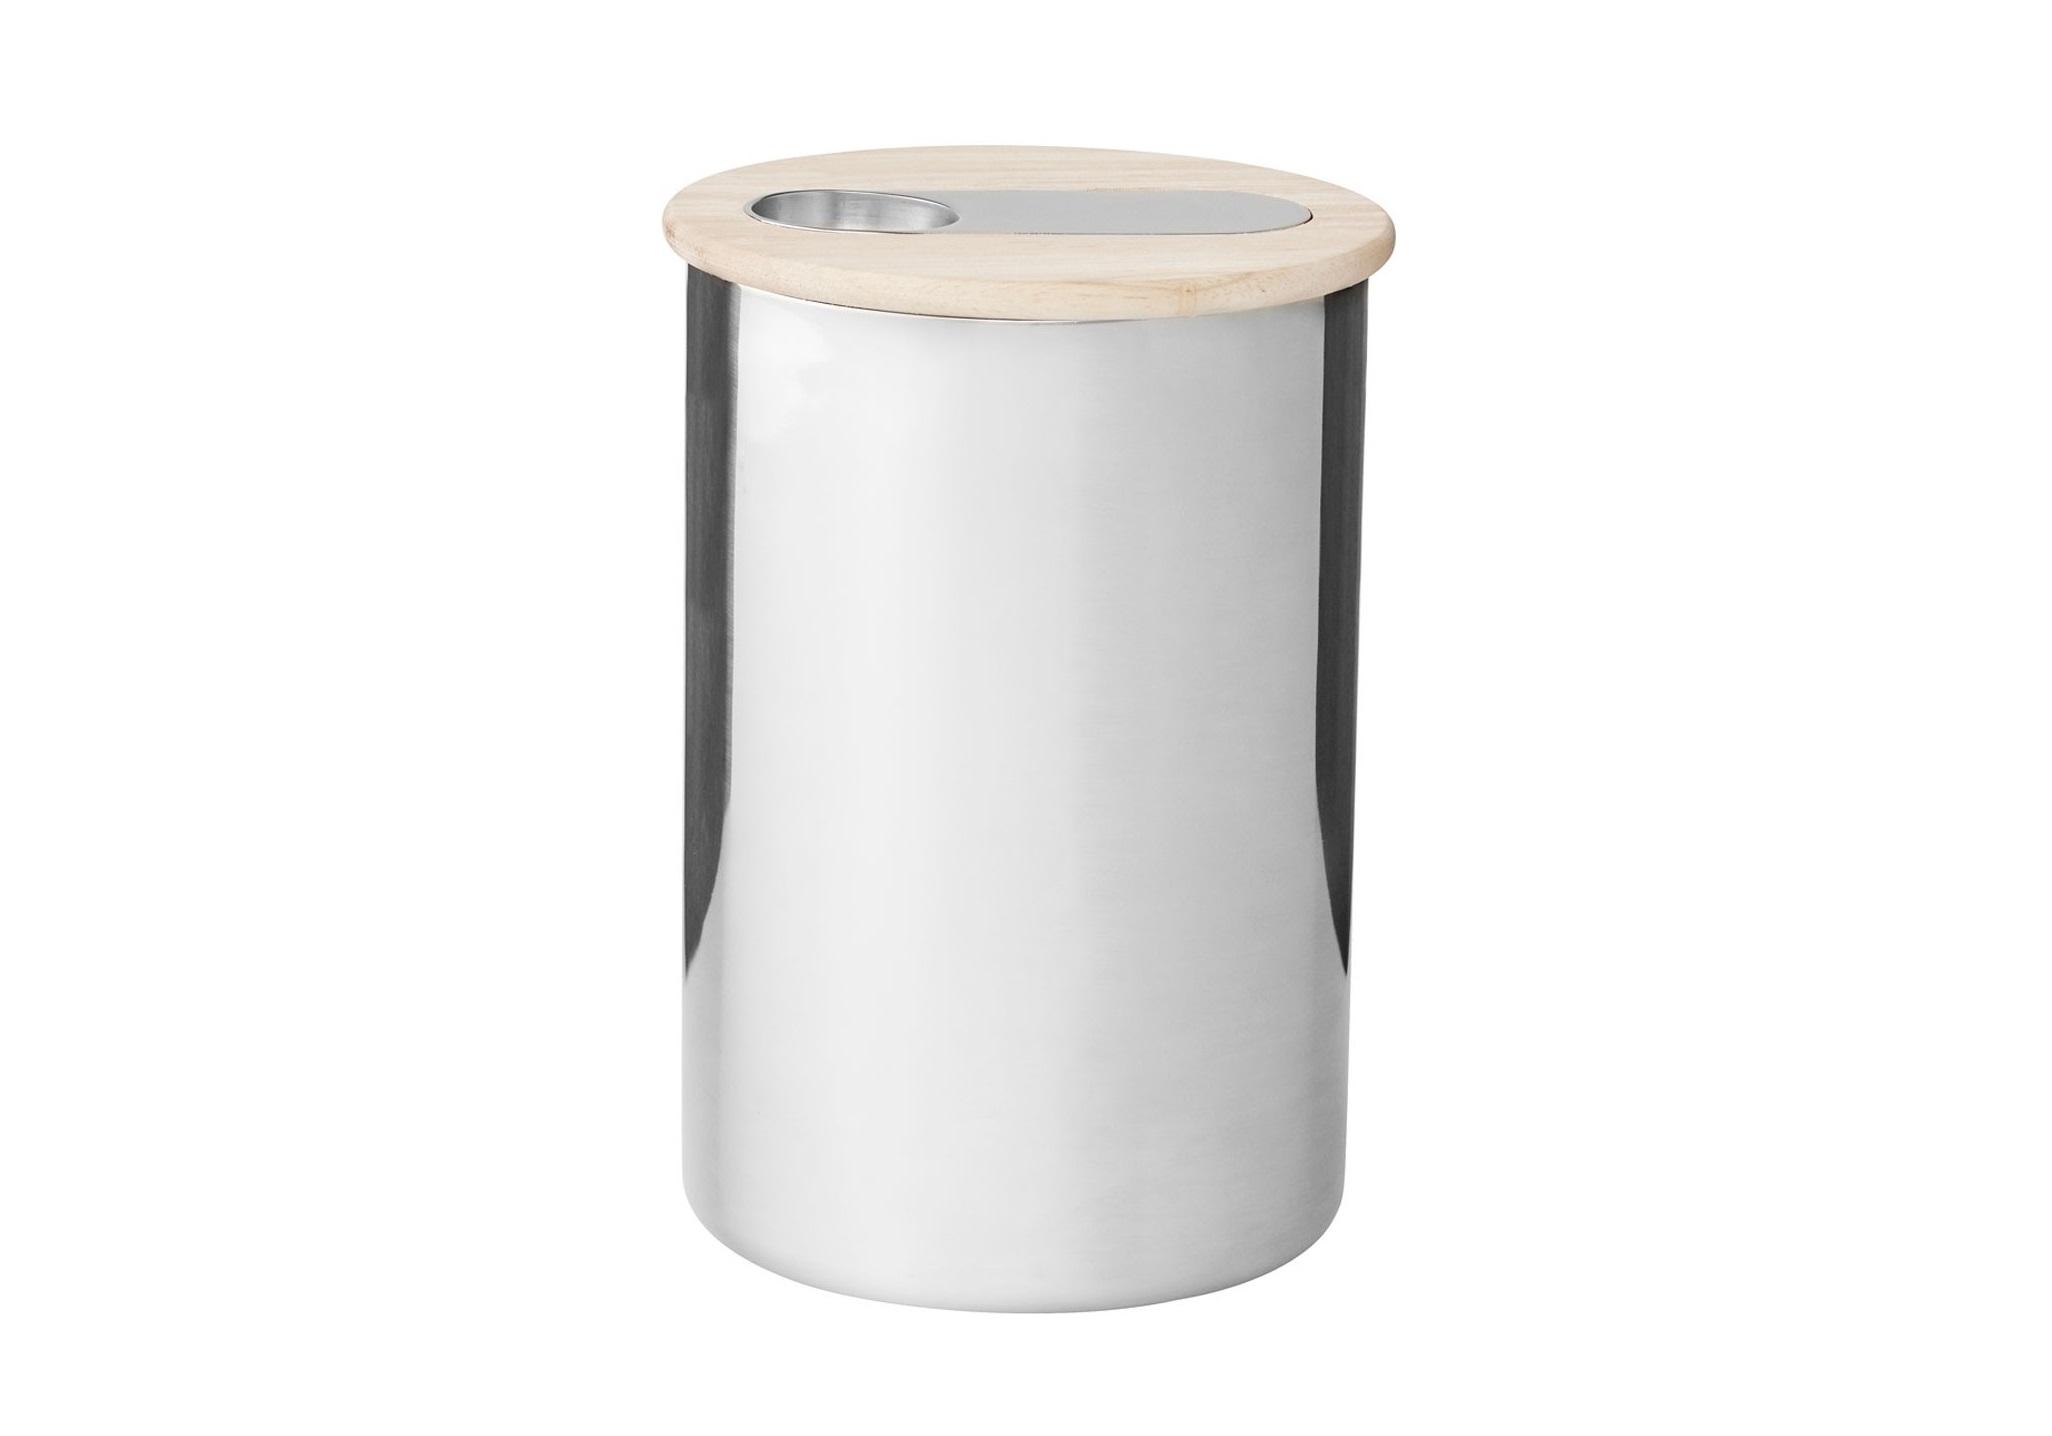 Емкость ScoopЕмкости для хранения<br>В набор входят: емкость из нержавеющей стали, крышка из каучука, ложки из нержавеющей стали. Емкость для хранения с ложкой Scoop сочетает в себе элегантность и практичность. Емкость идеально подходит для хранения чая или кофе. Учитывая, что крышка плотно закрывает емкость, кофе и чай сохранят свой аромат на протяжении долгого времени. В крышке предусмотрено отделение для ложки. Таким образом, Вам не придется искать ложку каждый раз, когда Вы захотите отсыпать чай или кофе из емкости.&amp;amp;nbsp;<br><br>Material: Металл<br>Length см: None<br>Width см: None<br>Height см: 17<br>Diameter см: 12